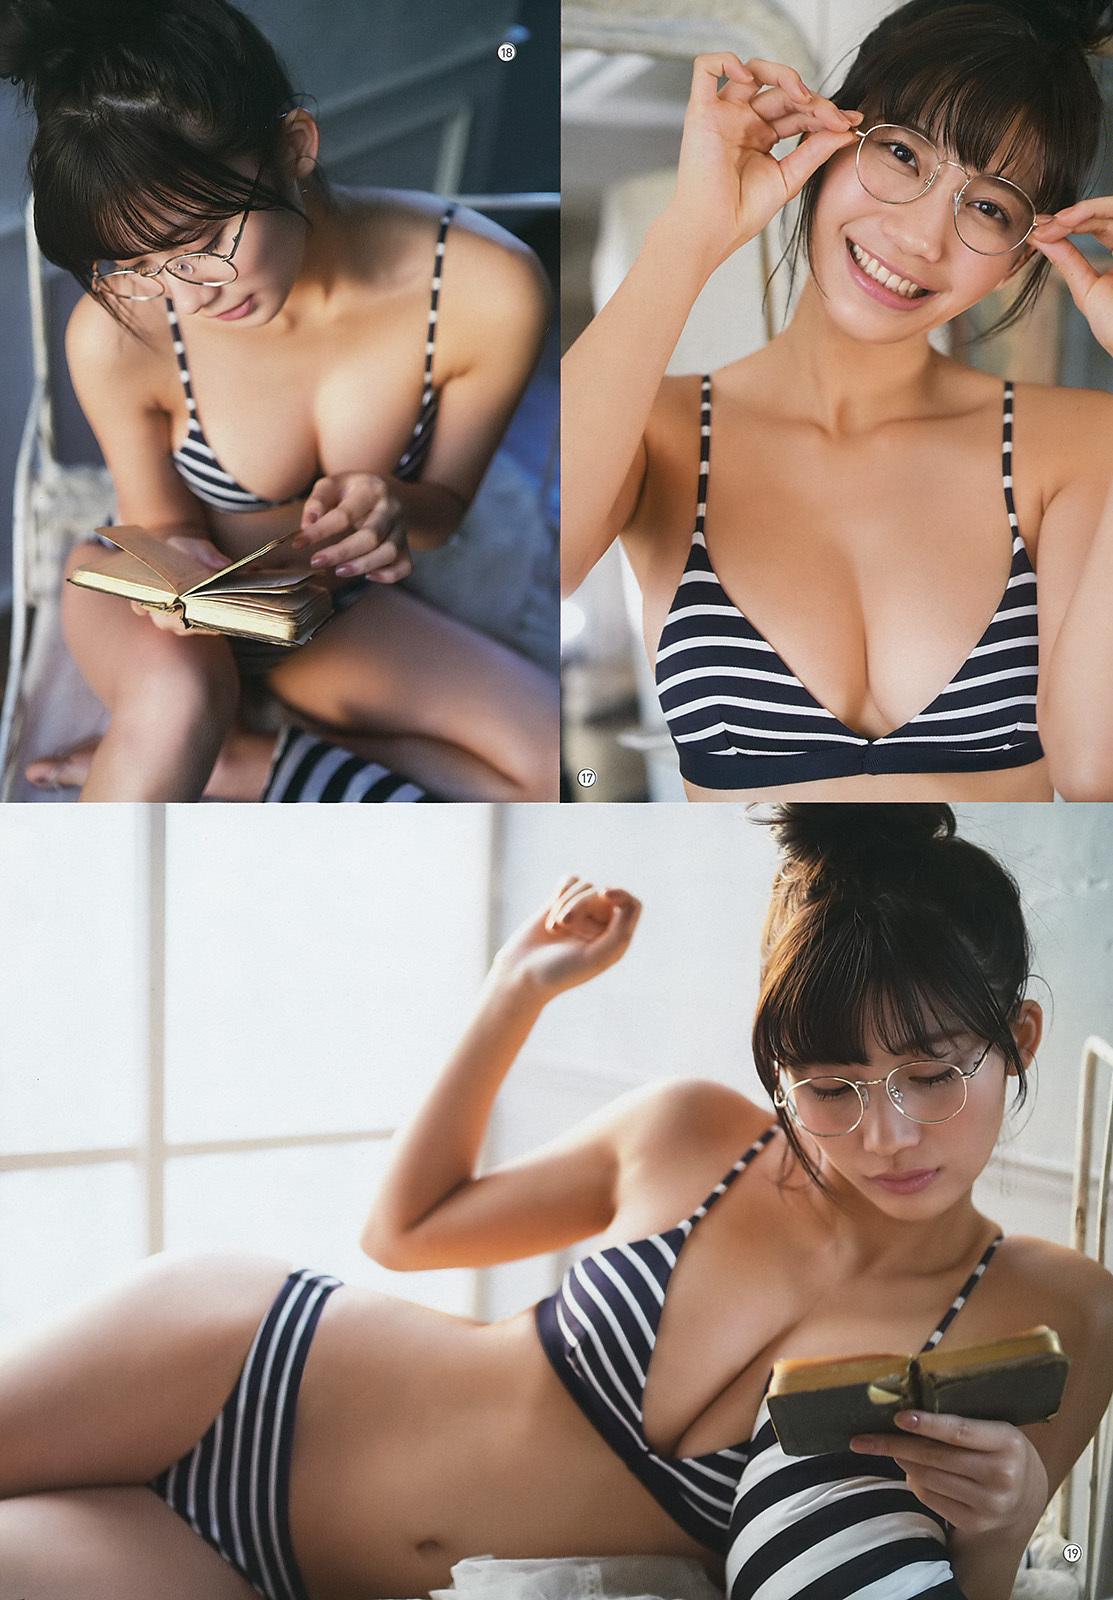 ogura_yuuka112.jpg